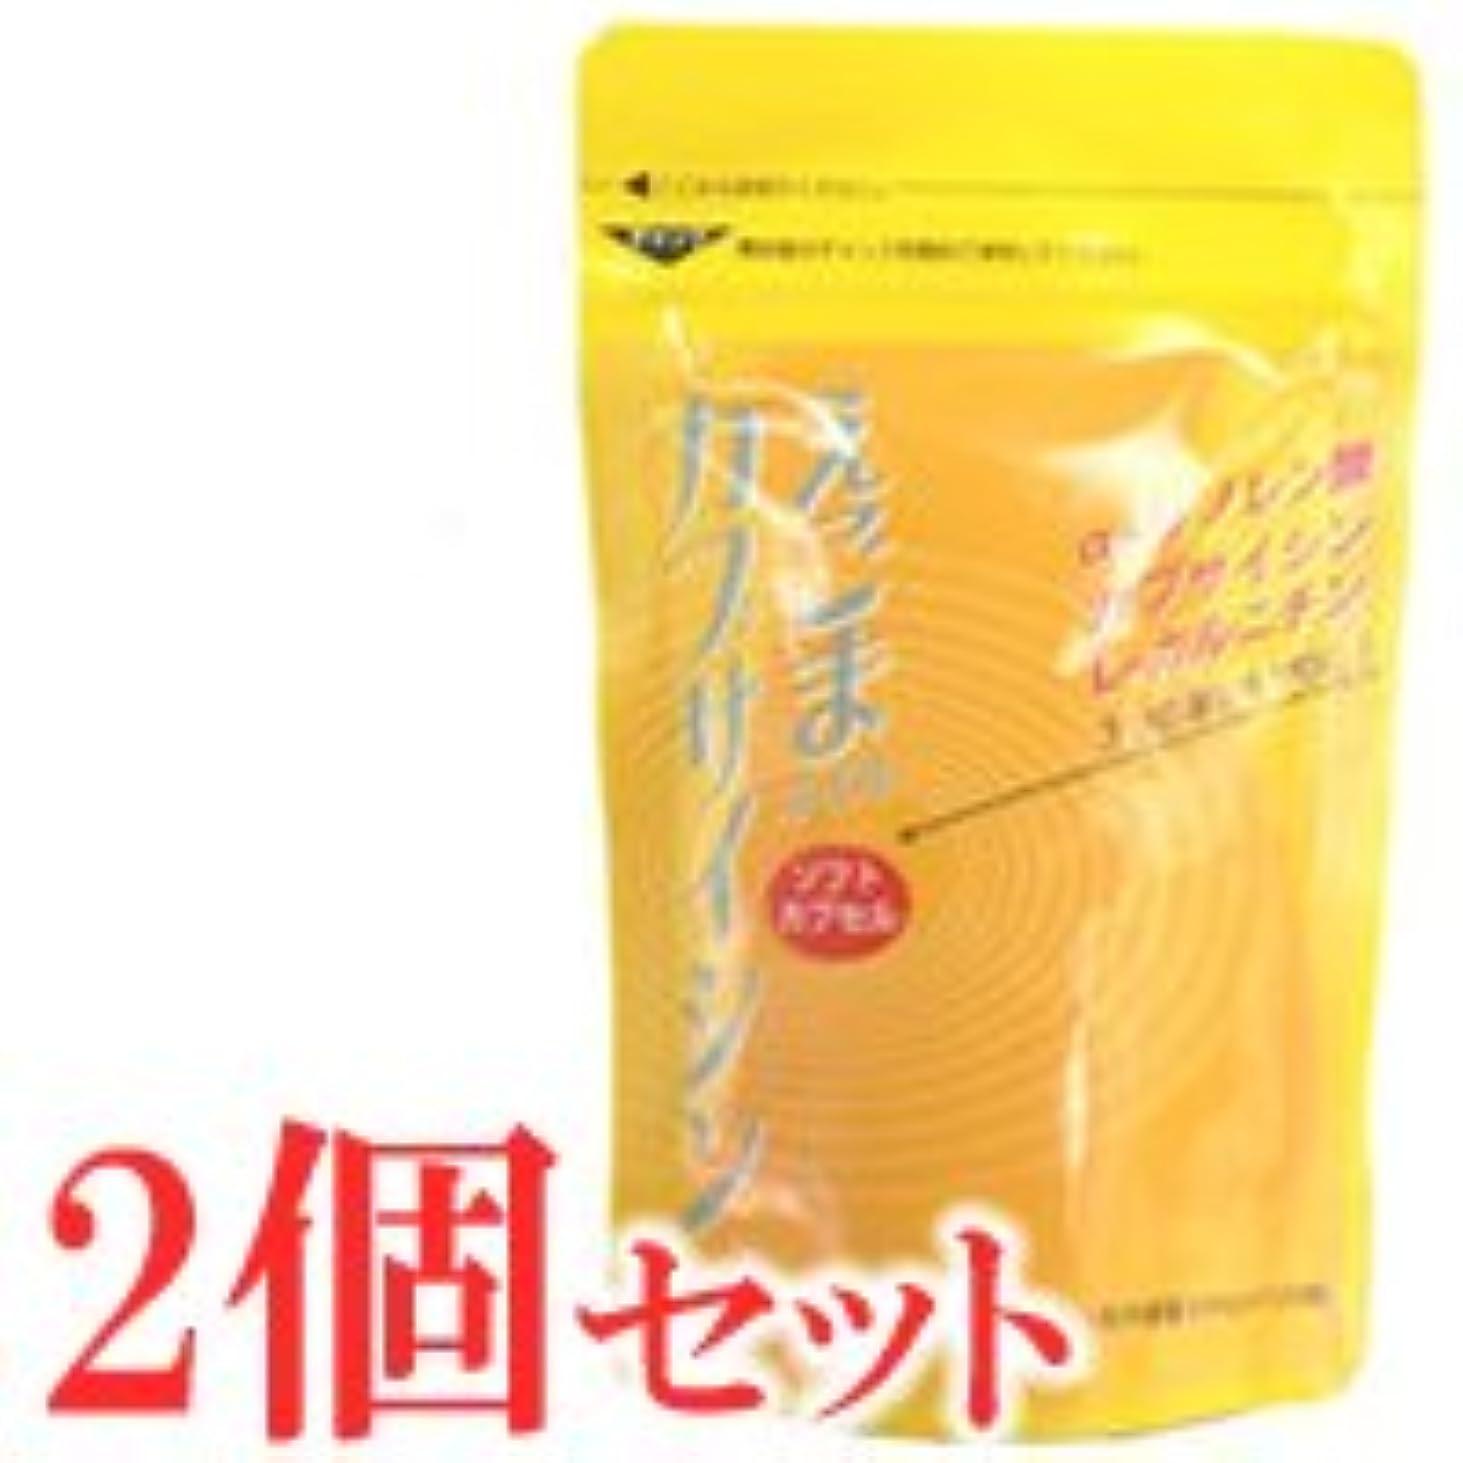 精神奨励しますコンドームえごまオイル カプサイシン 120粒×2袋セット(ソフトカプセル)